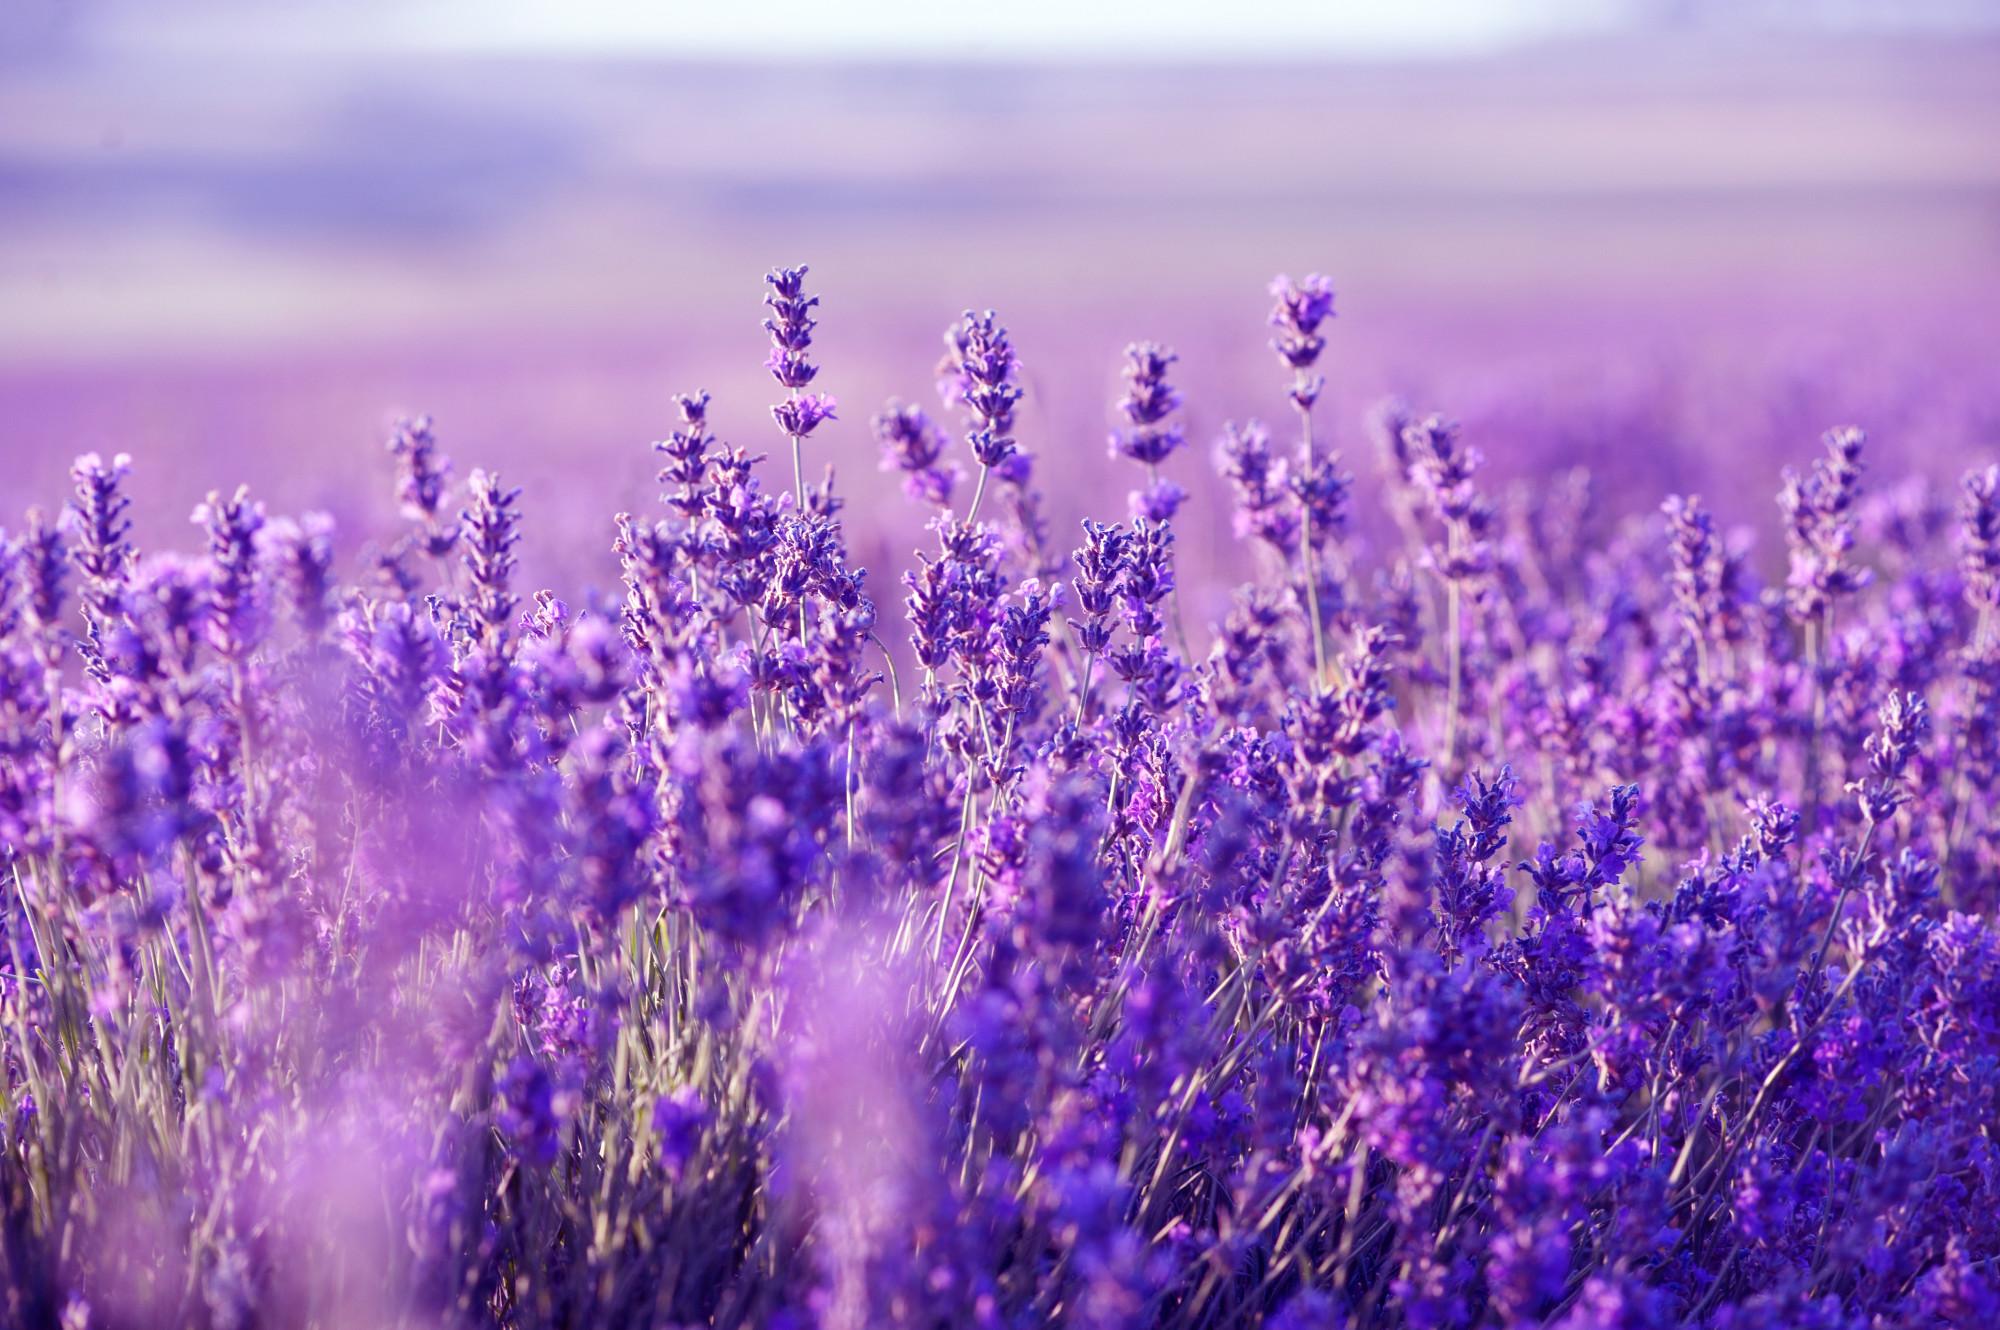 hinh anh hoa màu tím